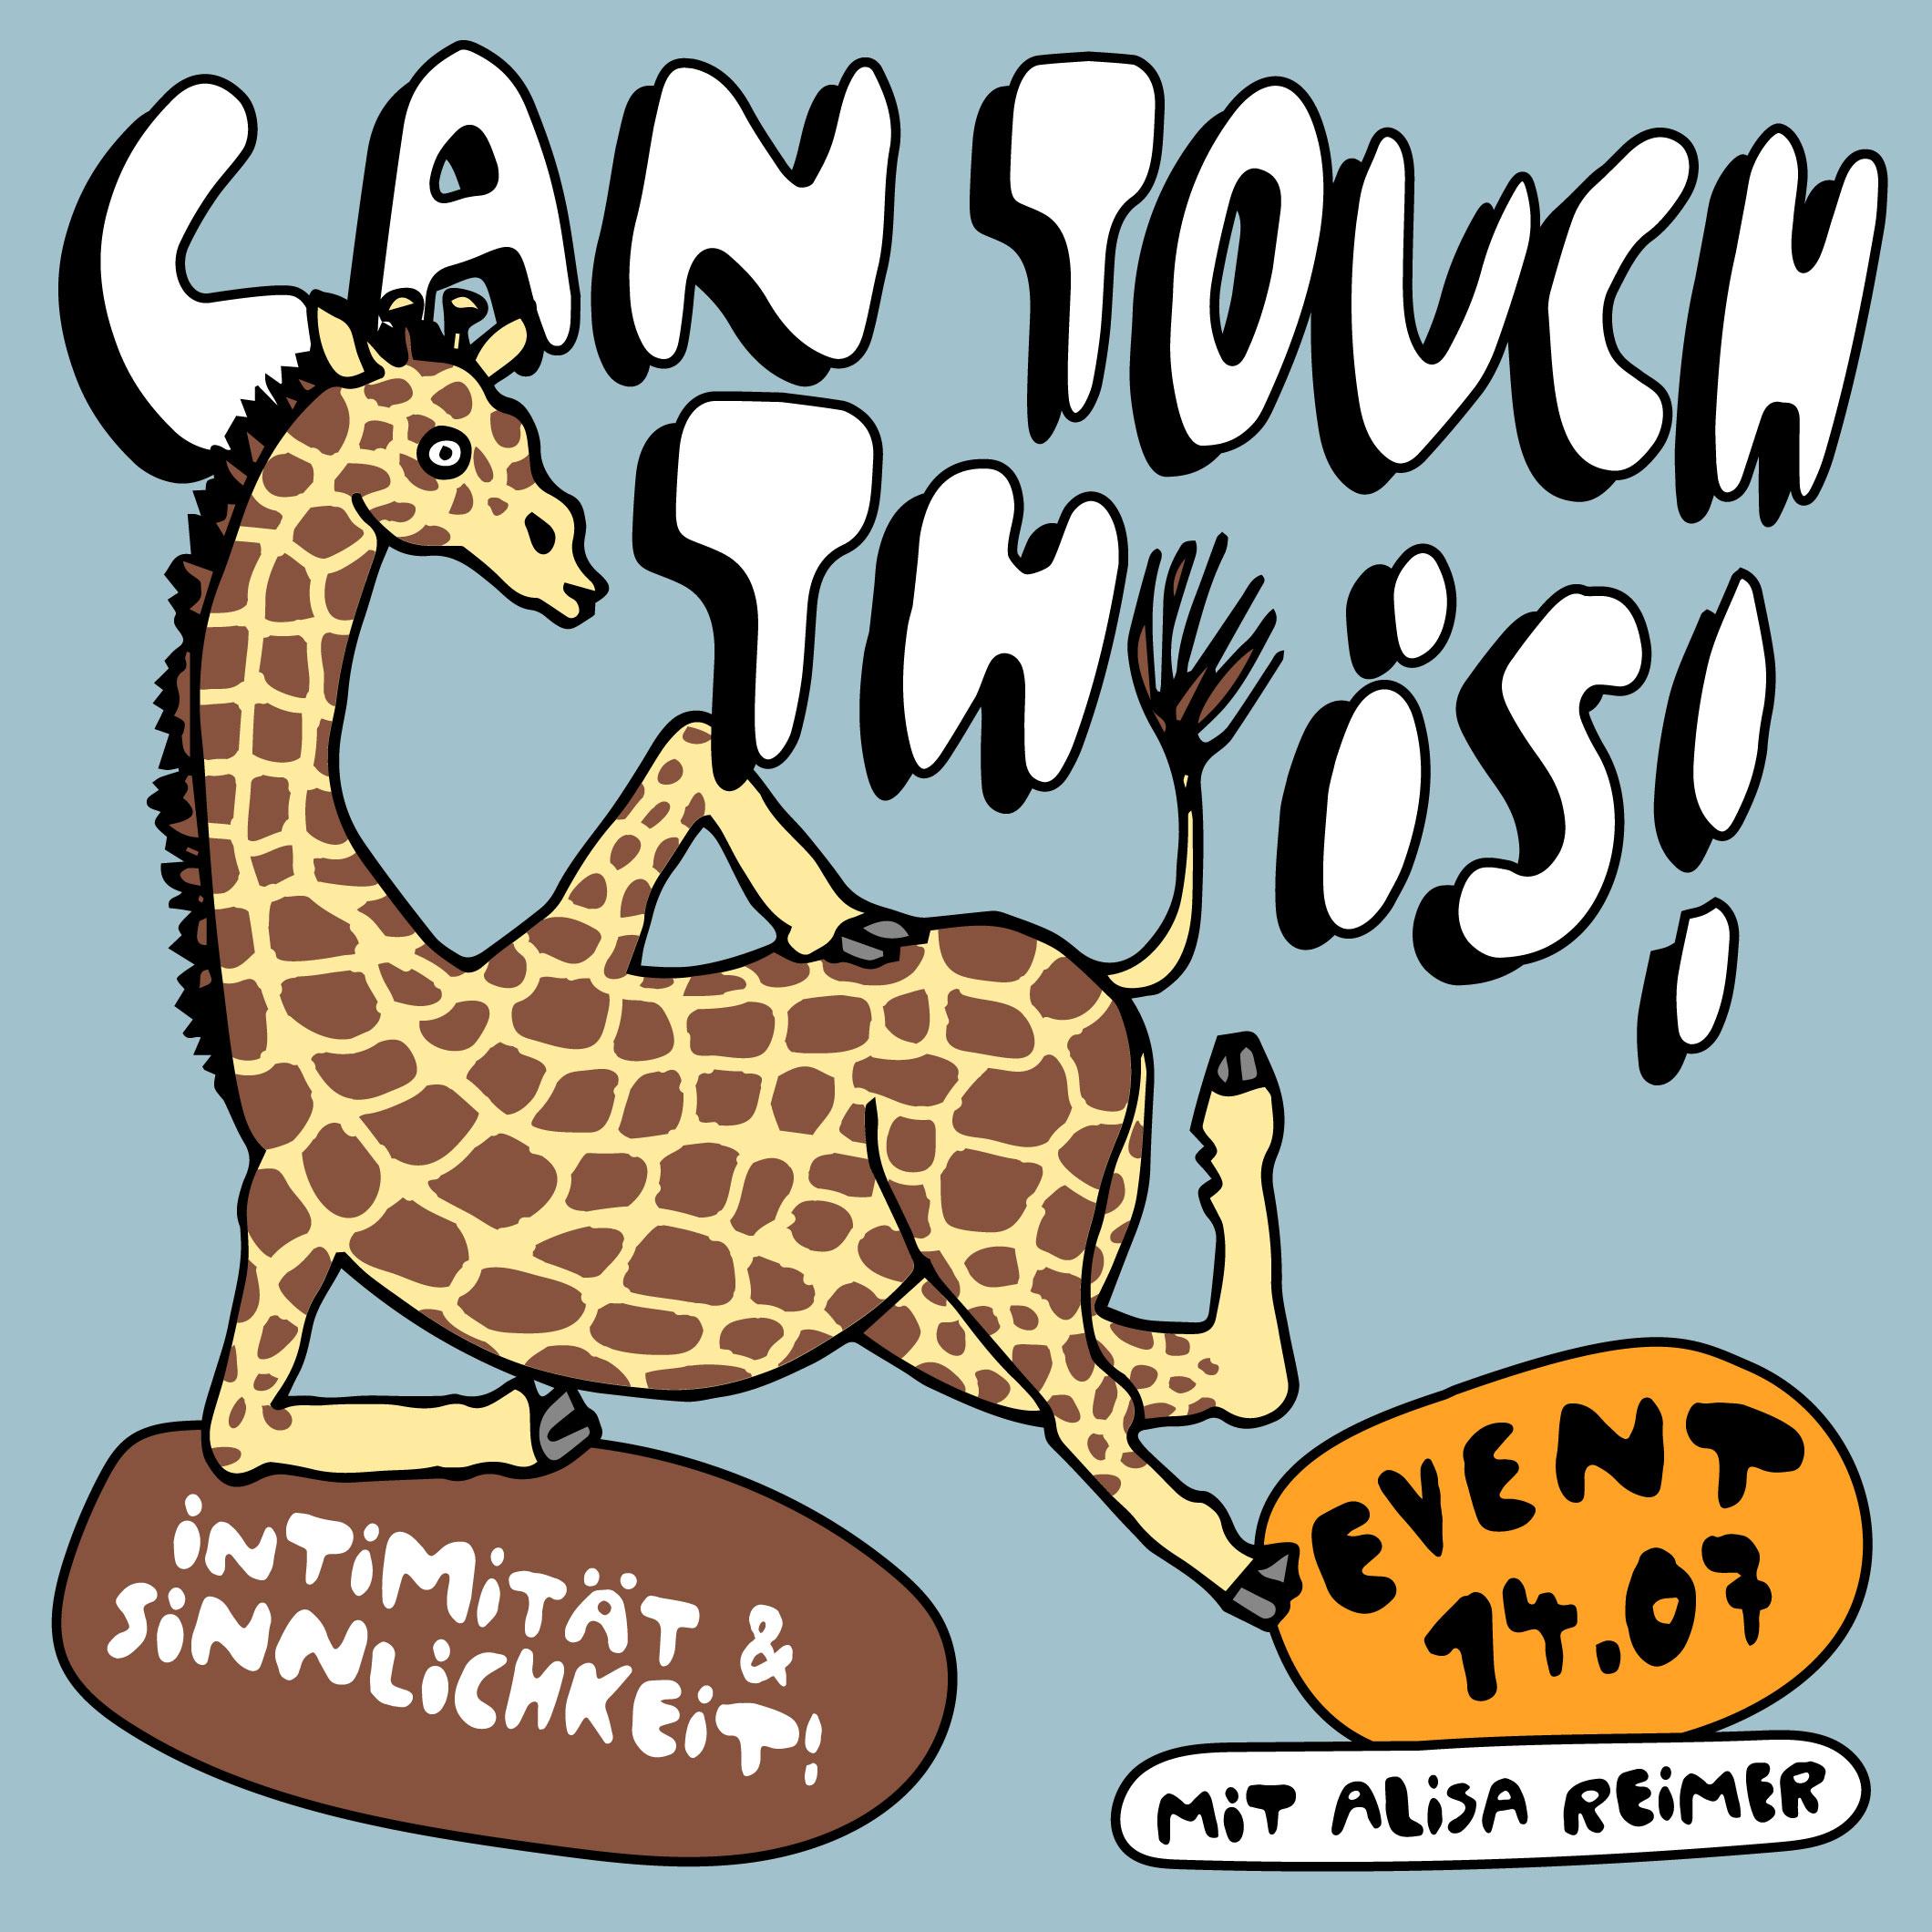 Von Sandra Bayer illustrierte Giraffe mit Slogan Can touch this! für Event 14.07.2021